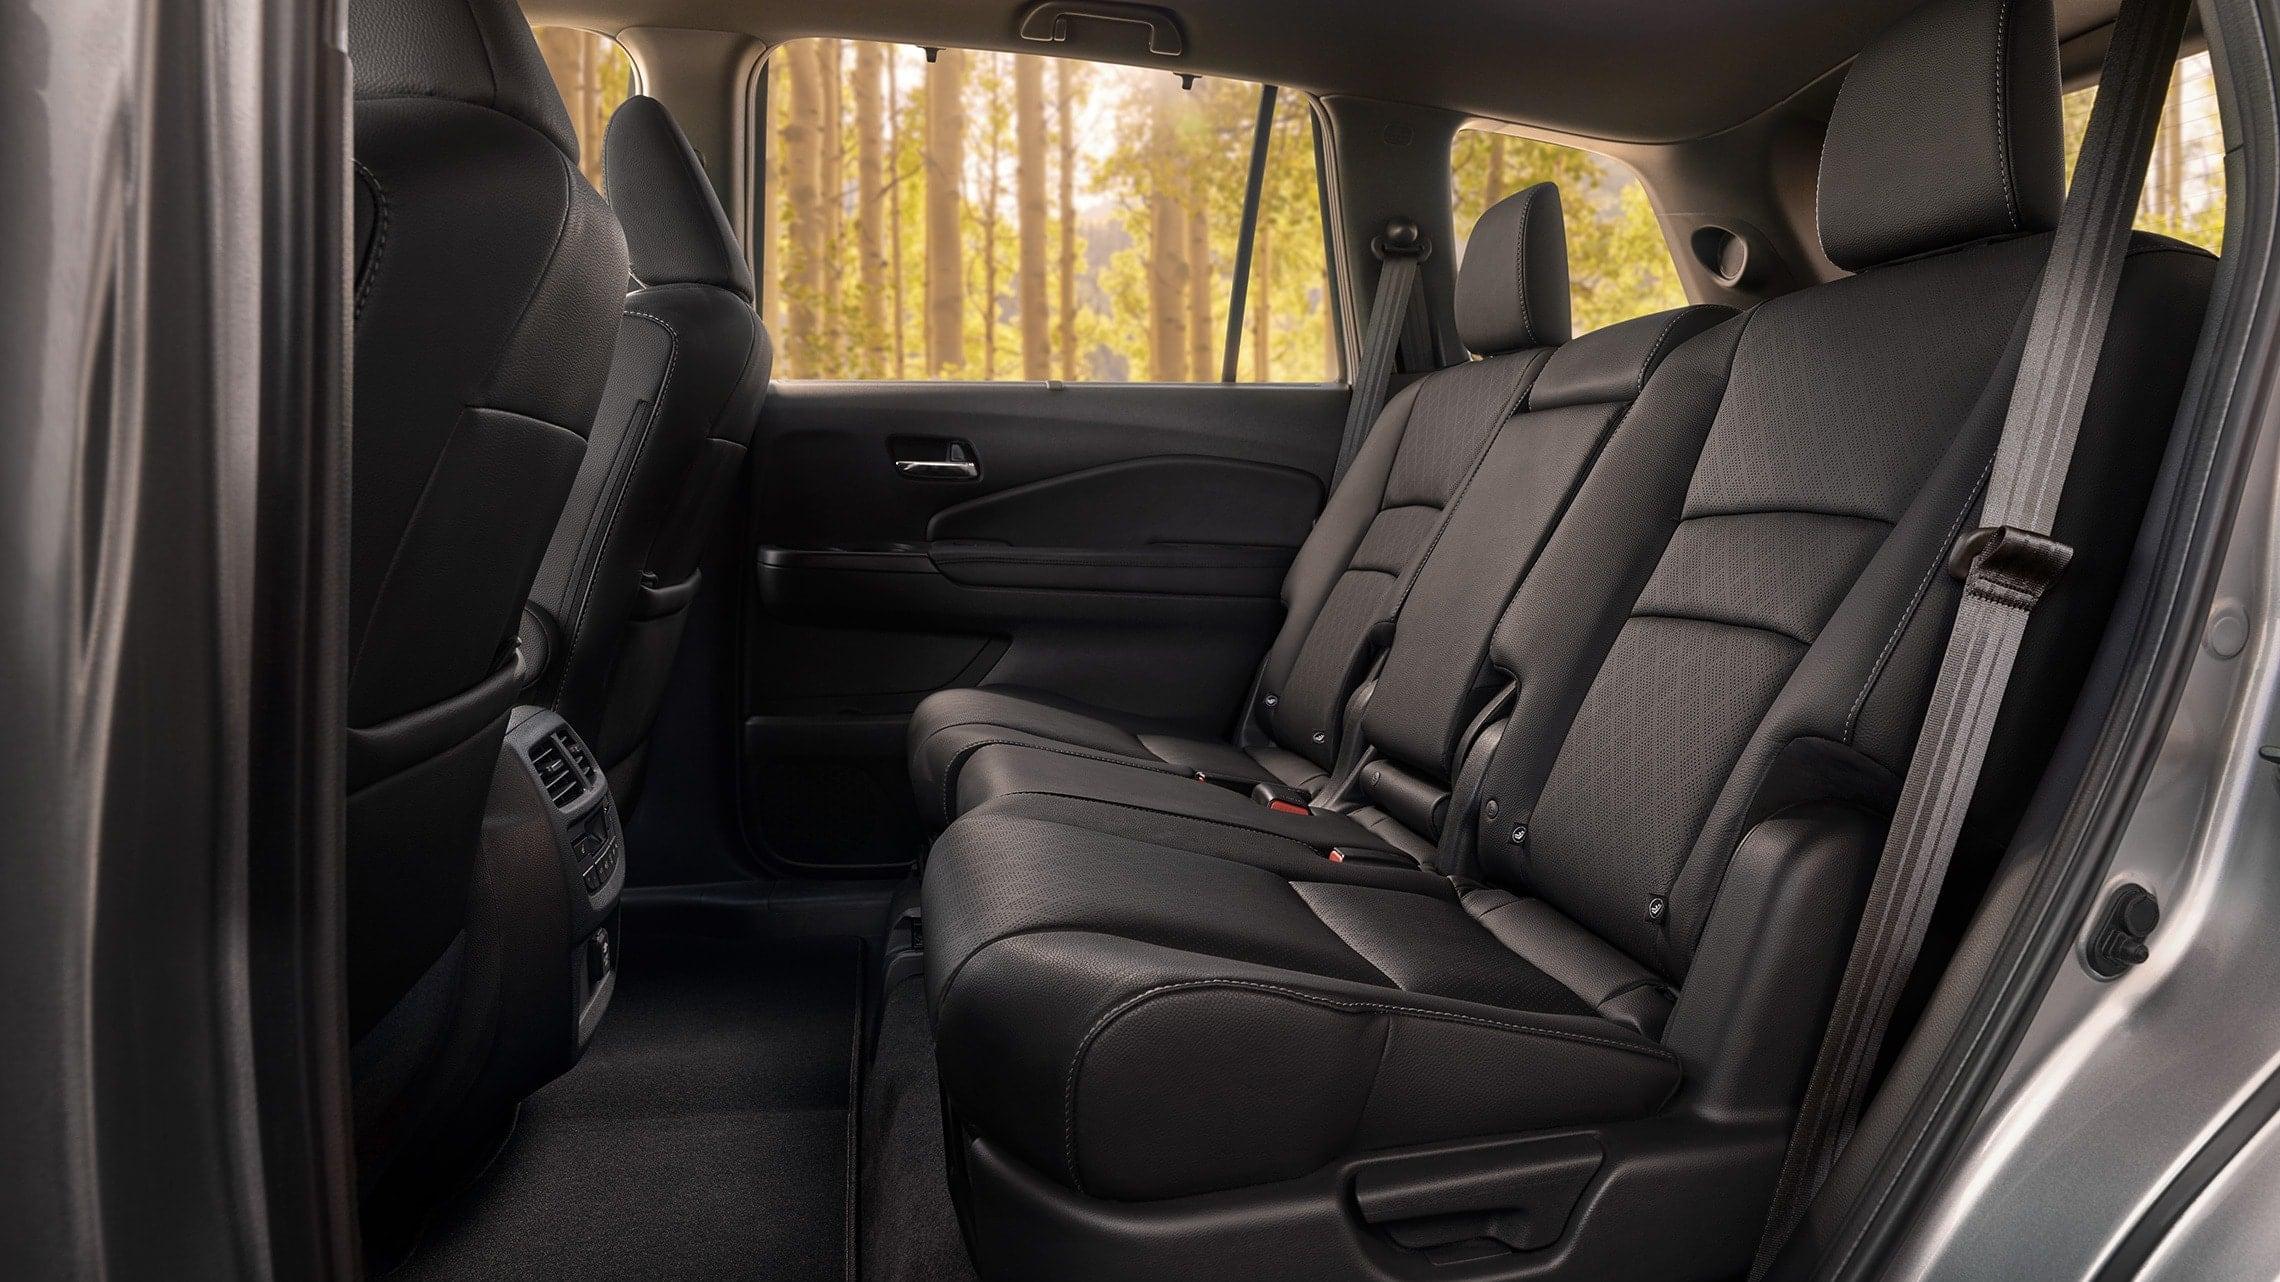 Interior trasero de la Honda Passport Elite2019 en Black Leather mostrando asientos de segunda fila espaciosos.